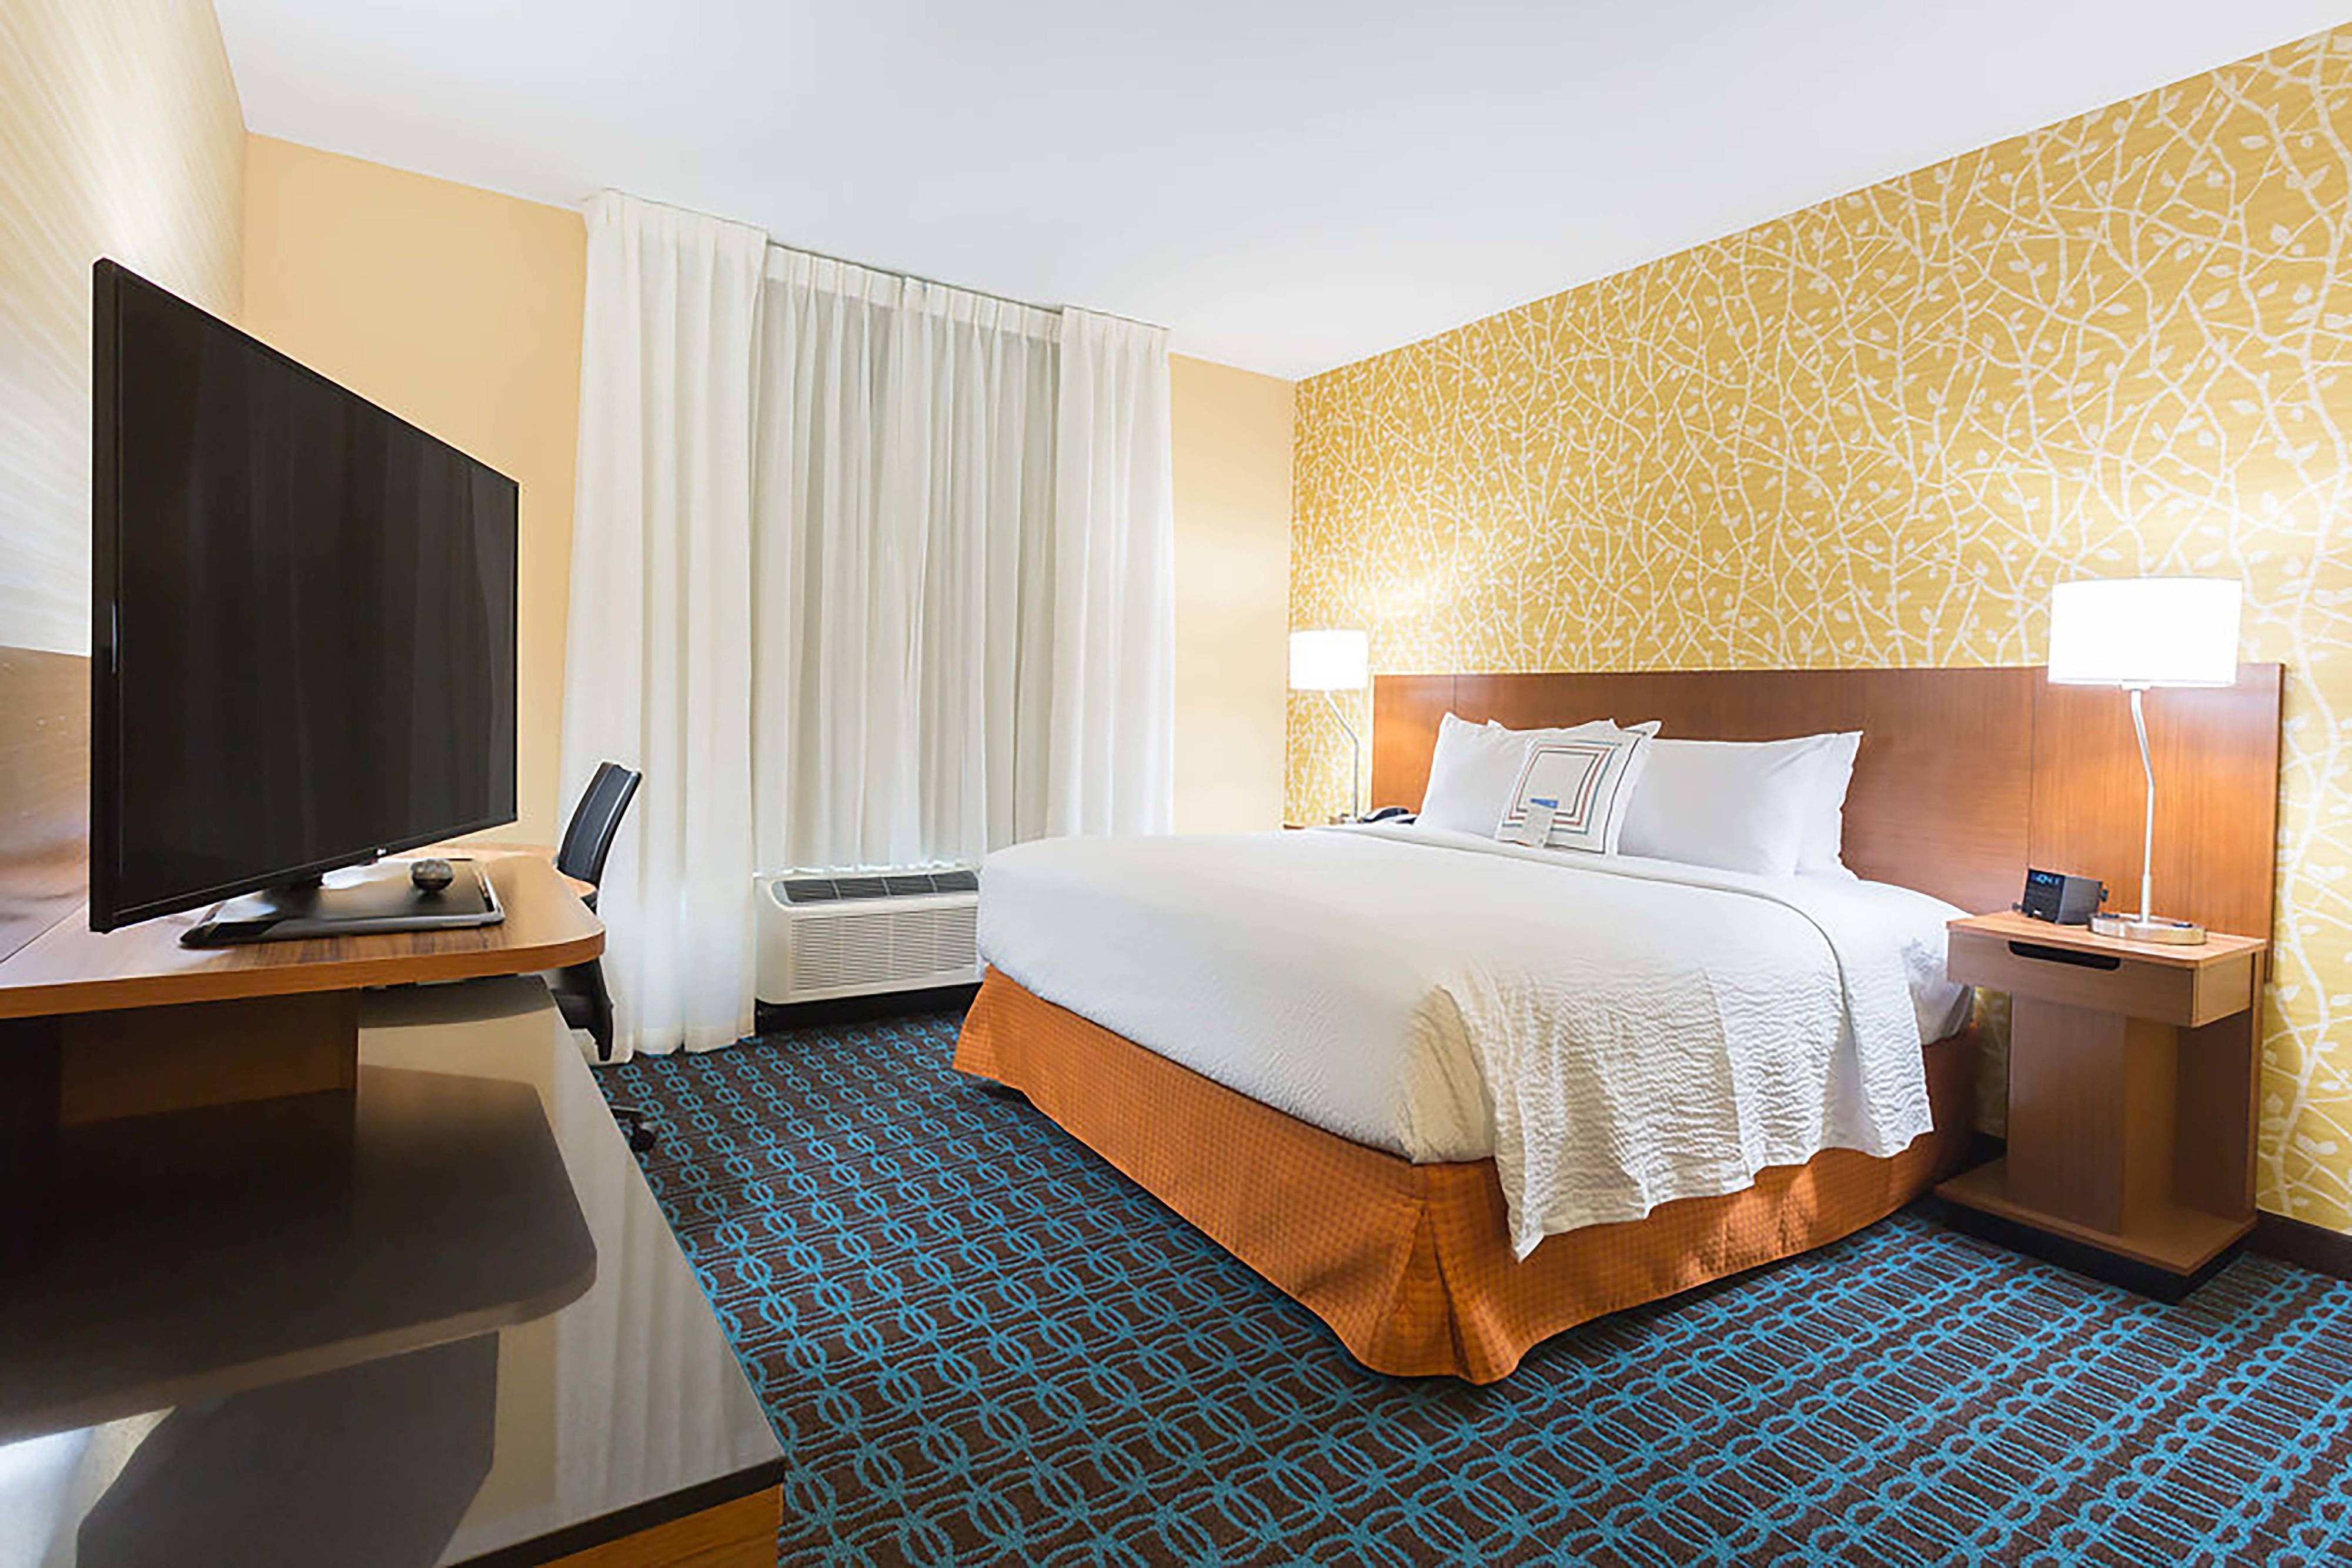 Fairfield Inn Fairfield inn, Find a room, Home decor